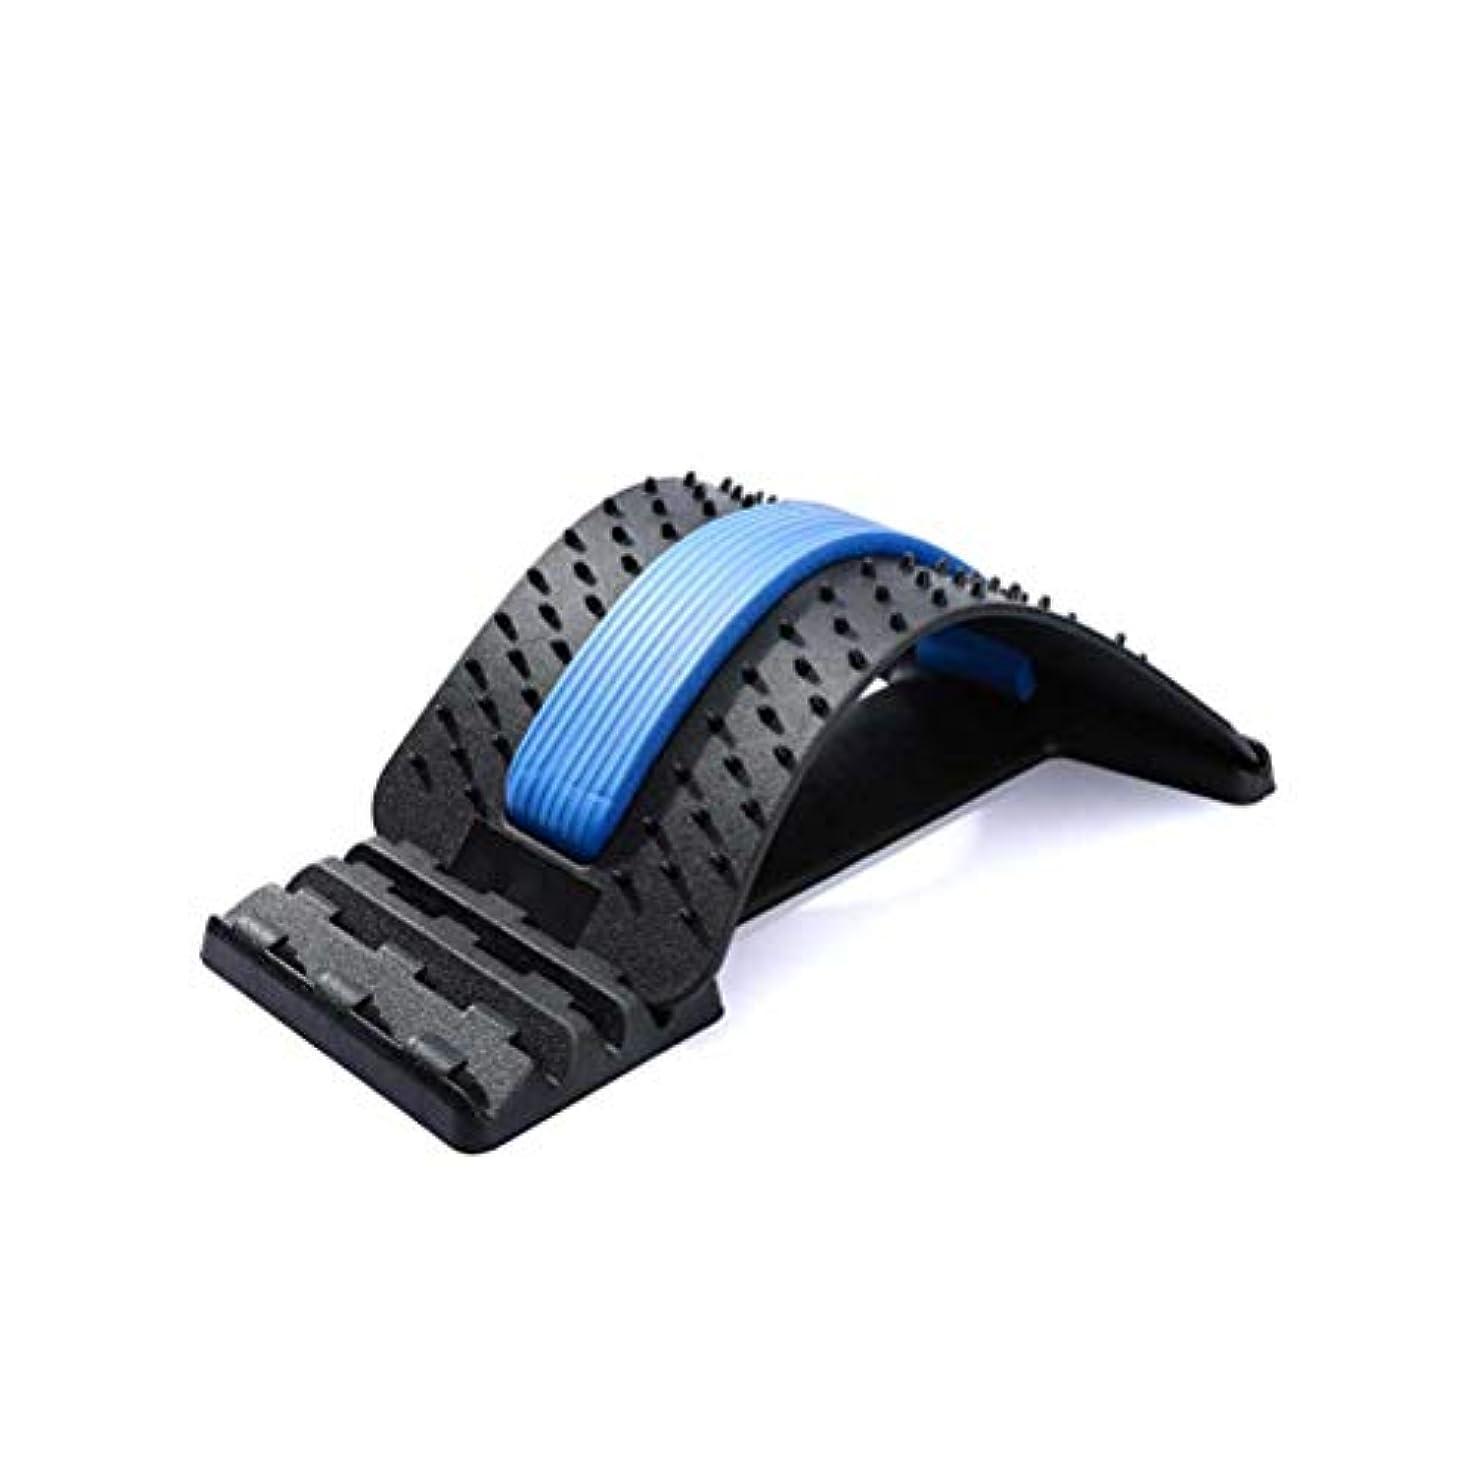 免除する制限された保守的Healifty バックストレッチャー脊椎の痛みを軽減する腰椎牽引ストレッチングデバイス姿勢矯正具